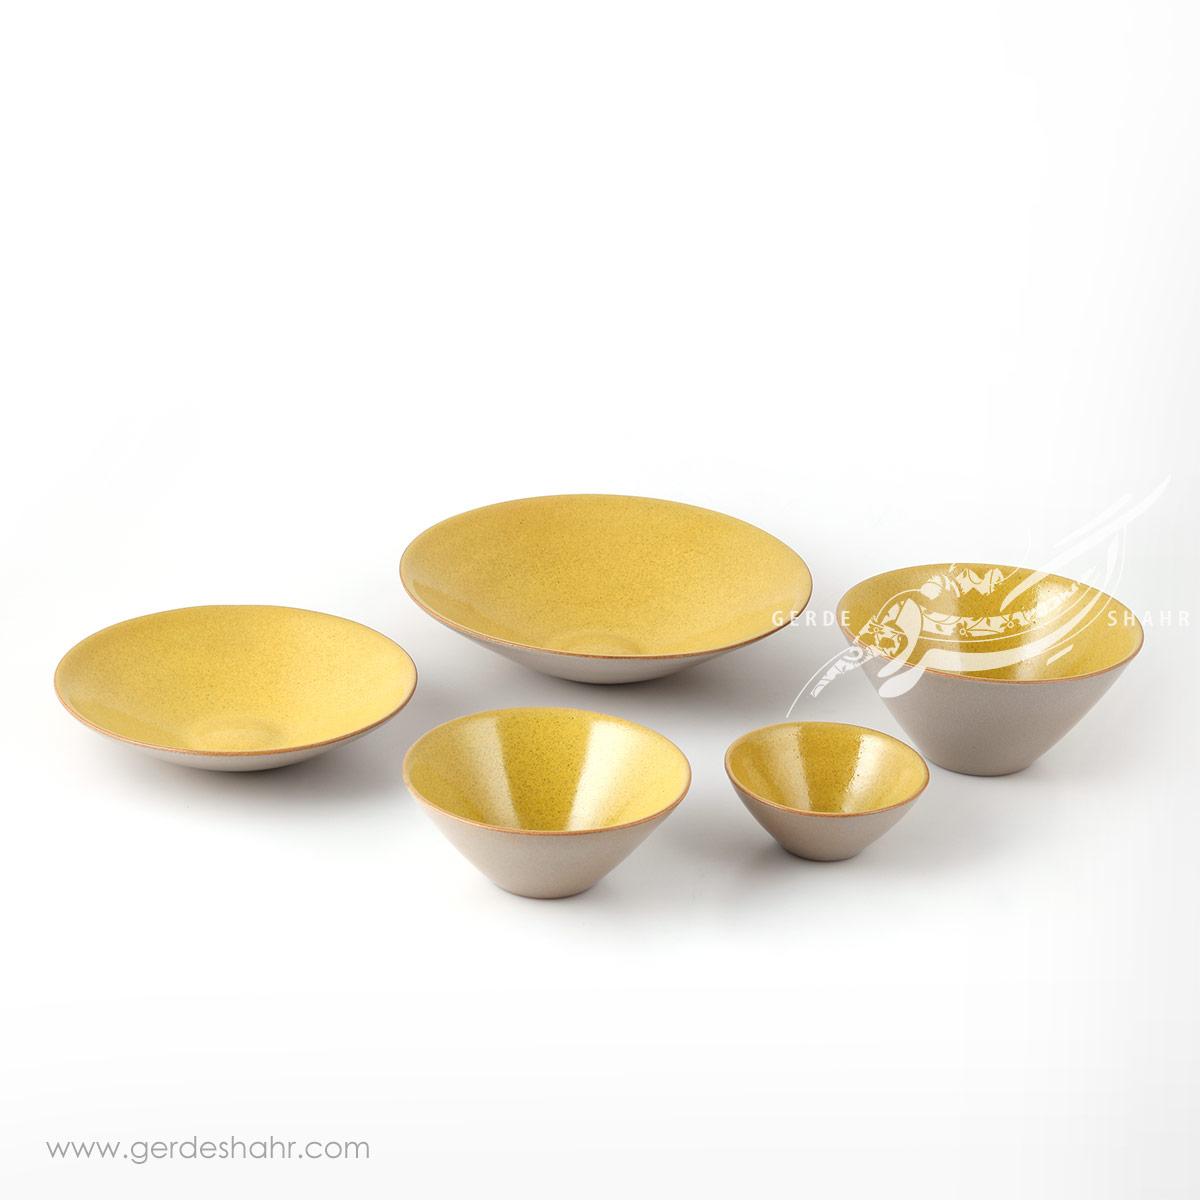 سرویس ظروف سرامیکی زرد مهر زین دست محصولات